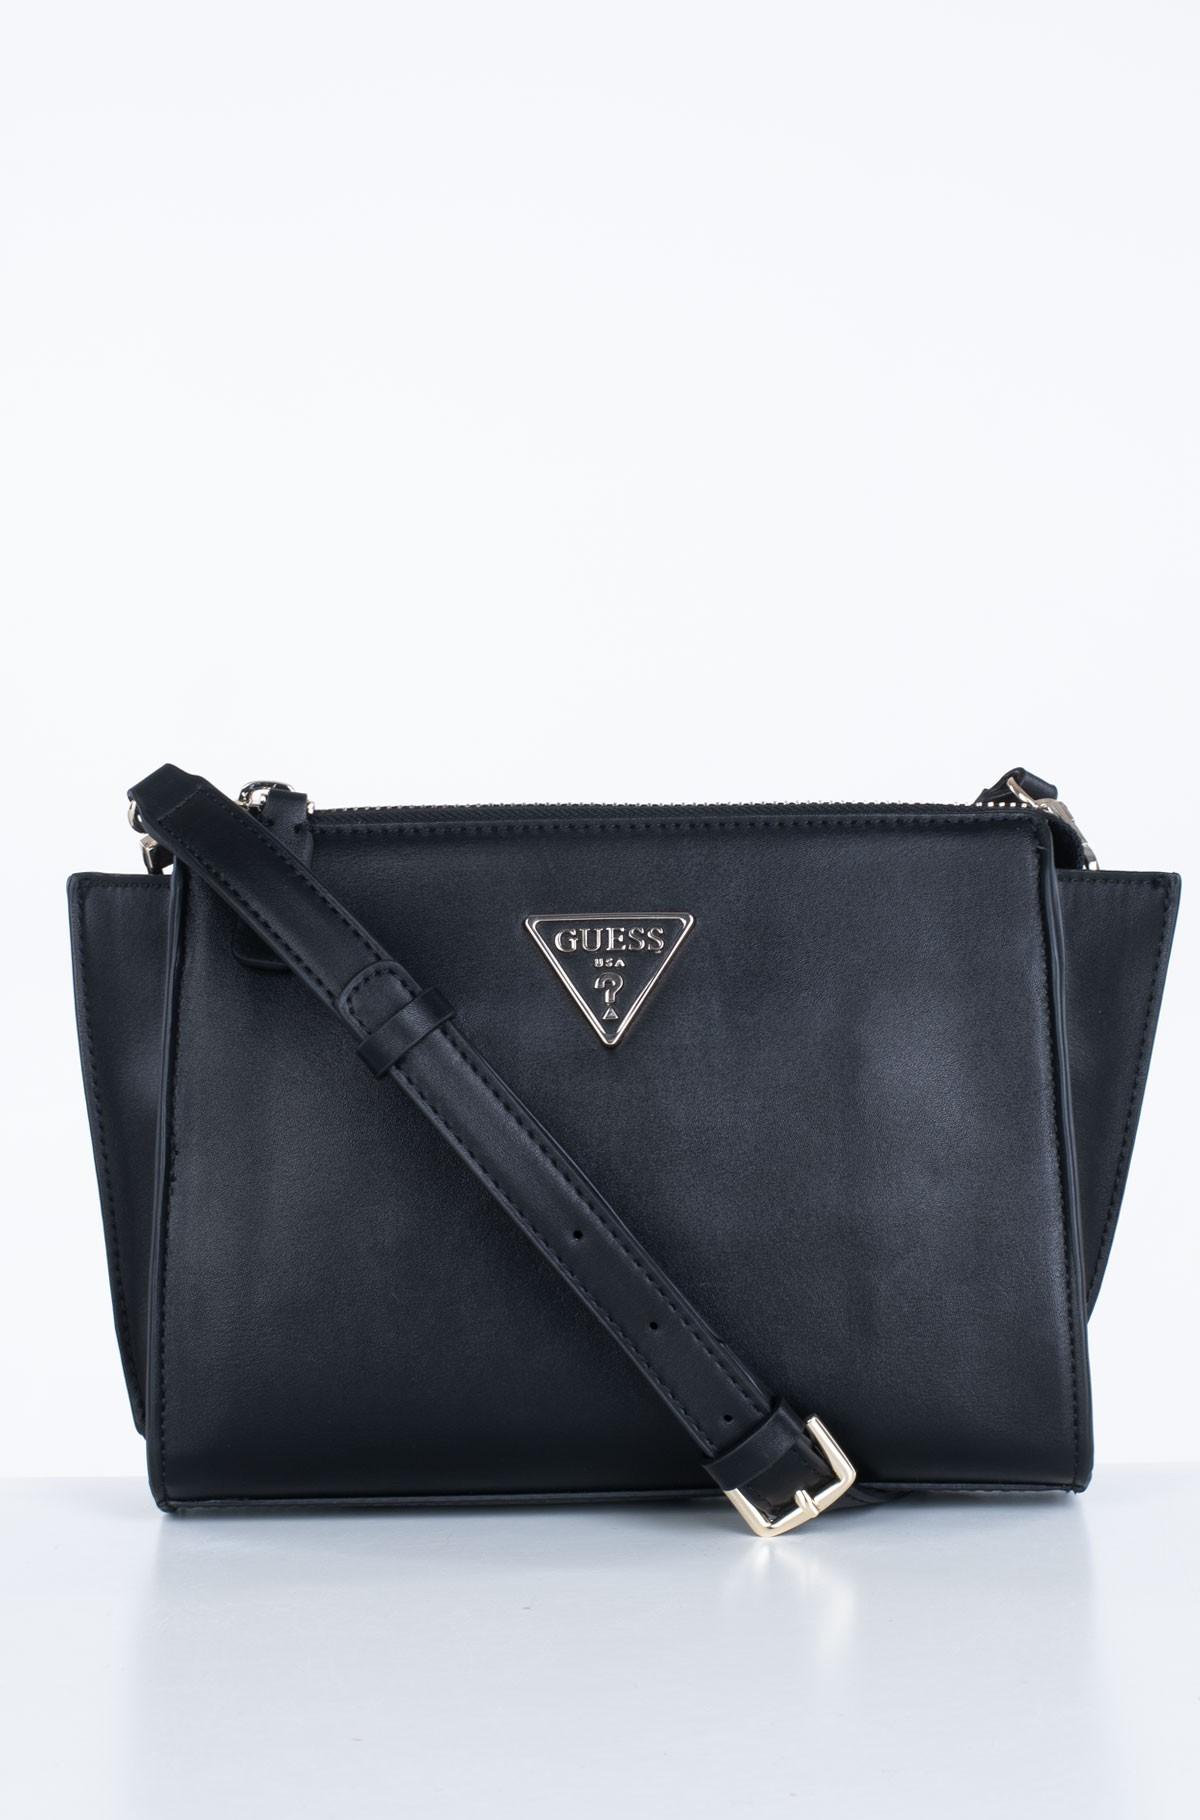 Shoulder bag HWUE76 64690-full-1